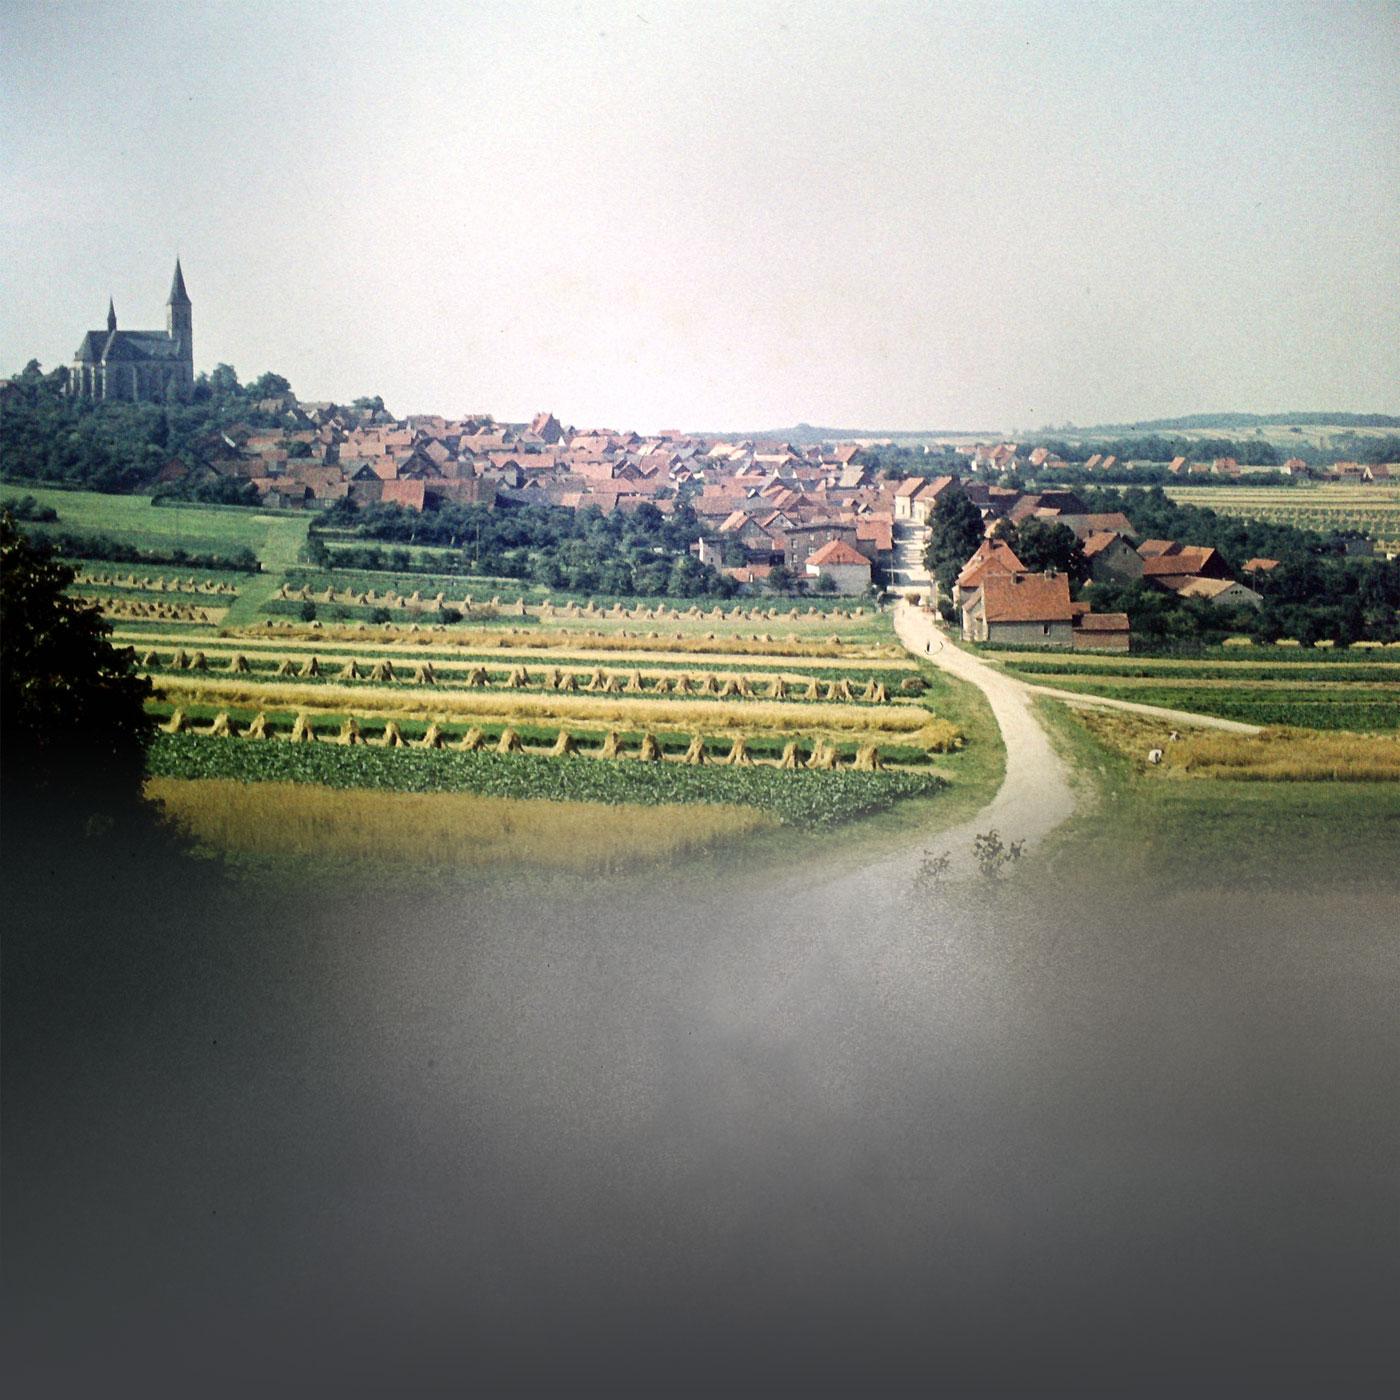 Hintergrundbild (Blick auf den Eichsfelder Dom)